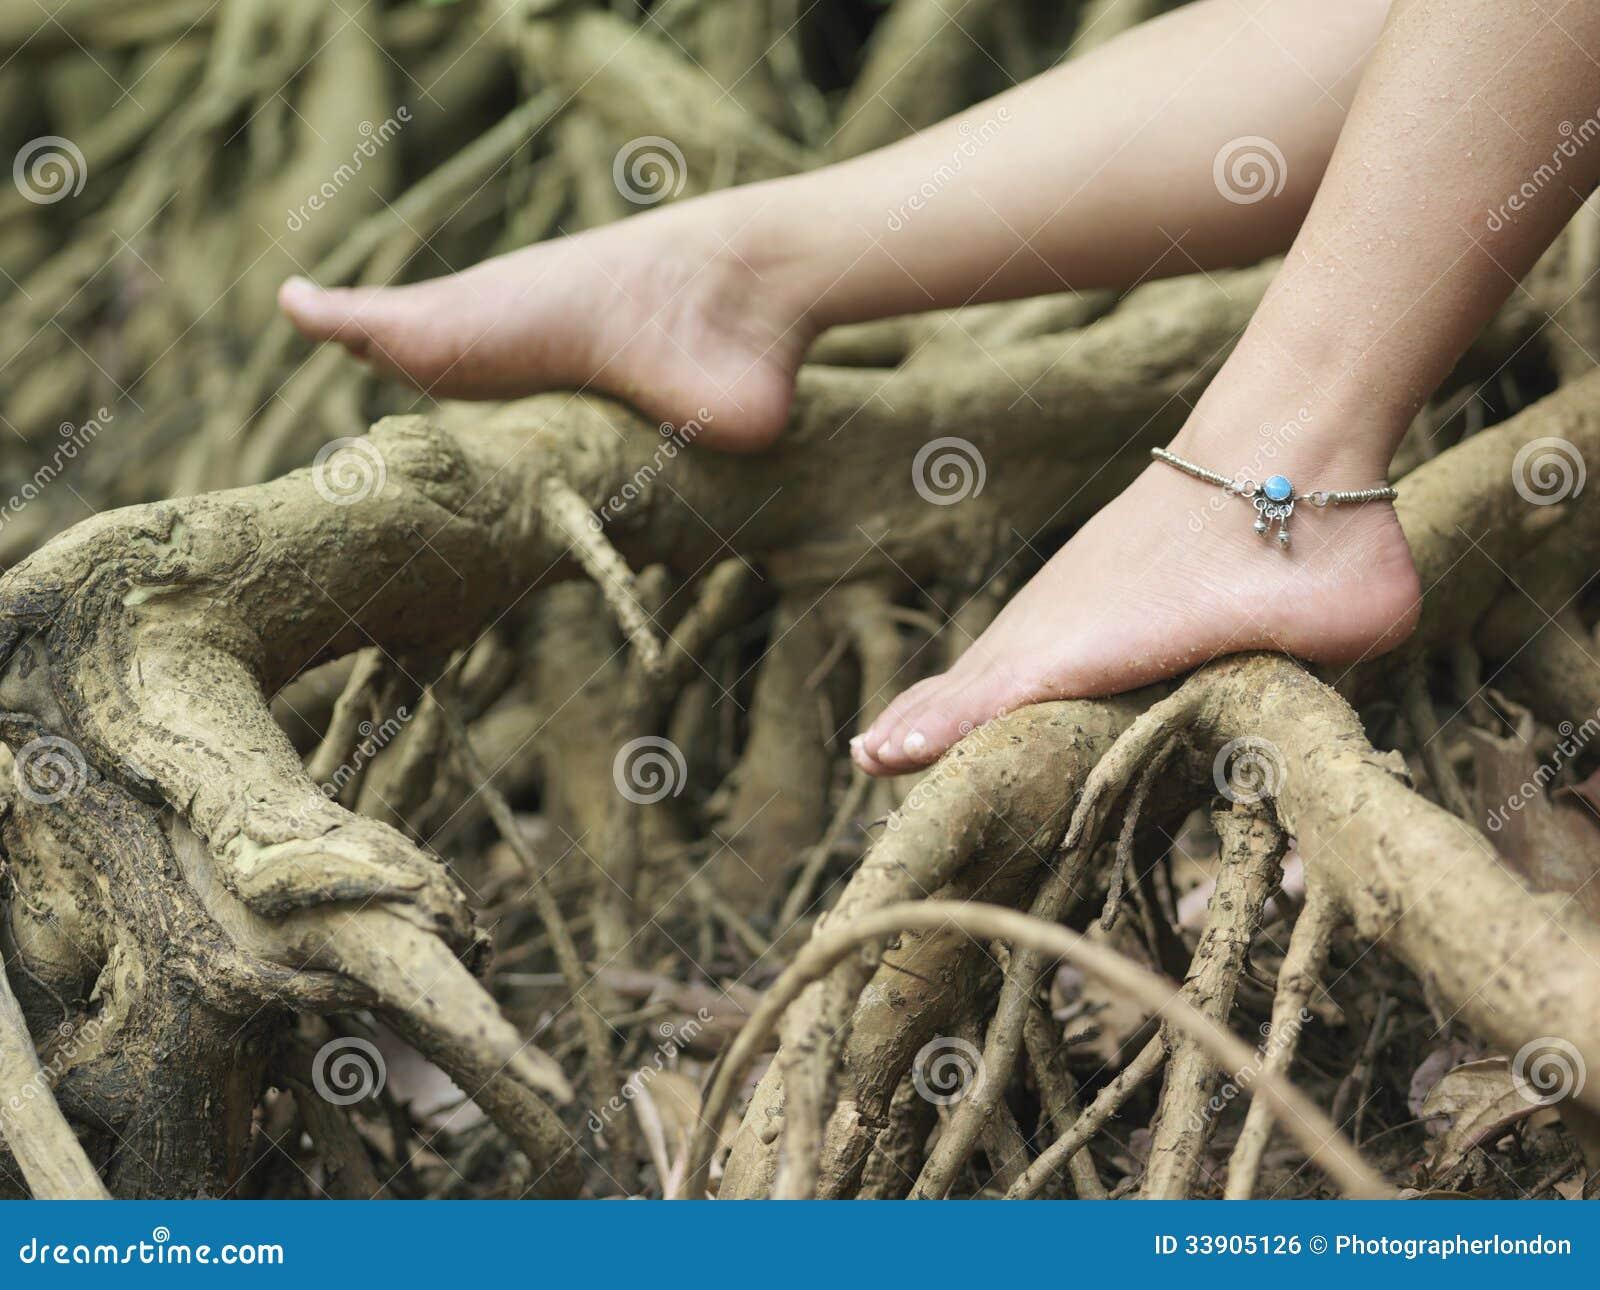 ноги корни картинка кладбища